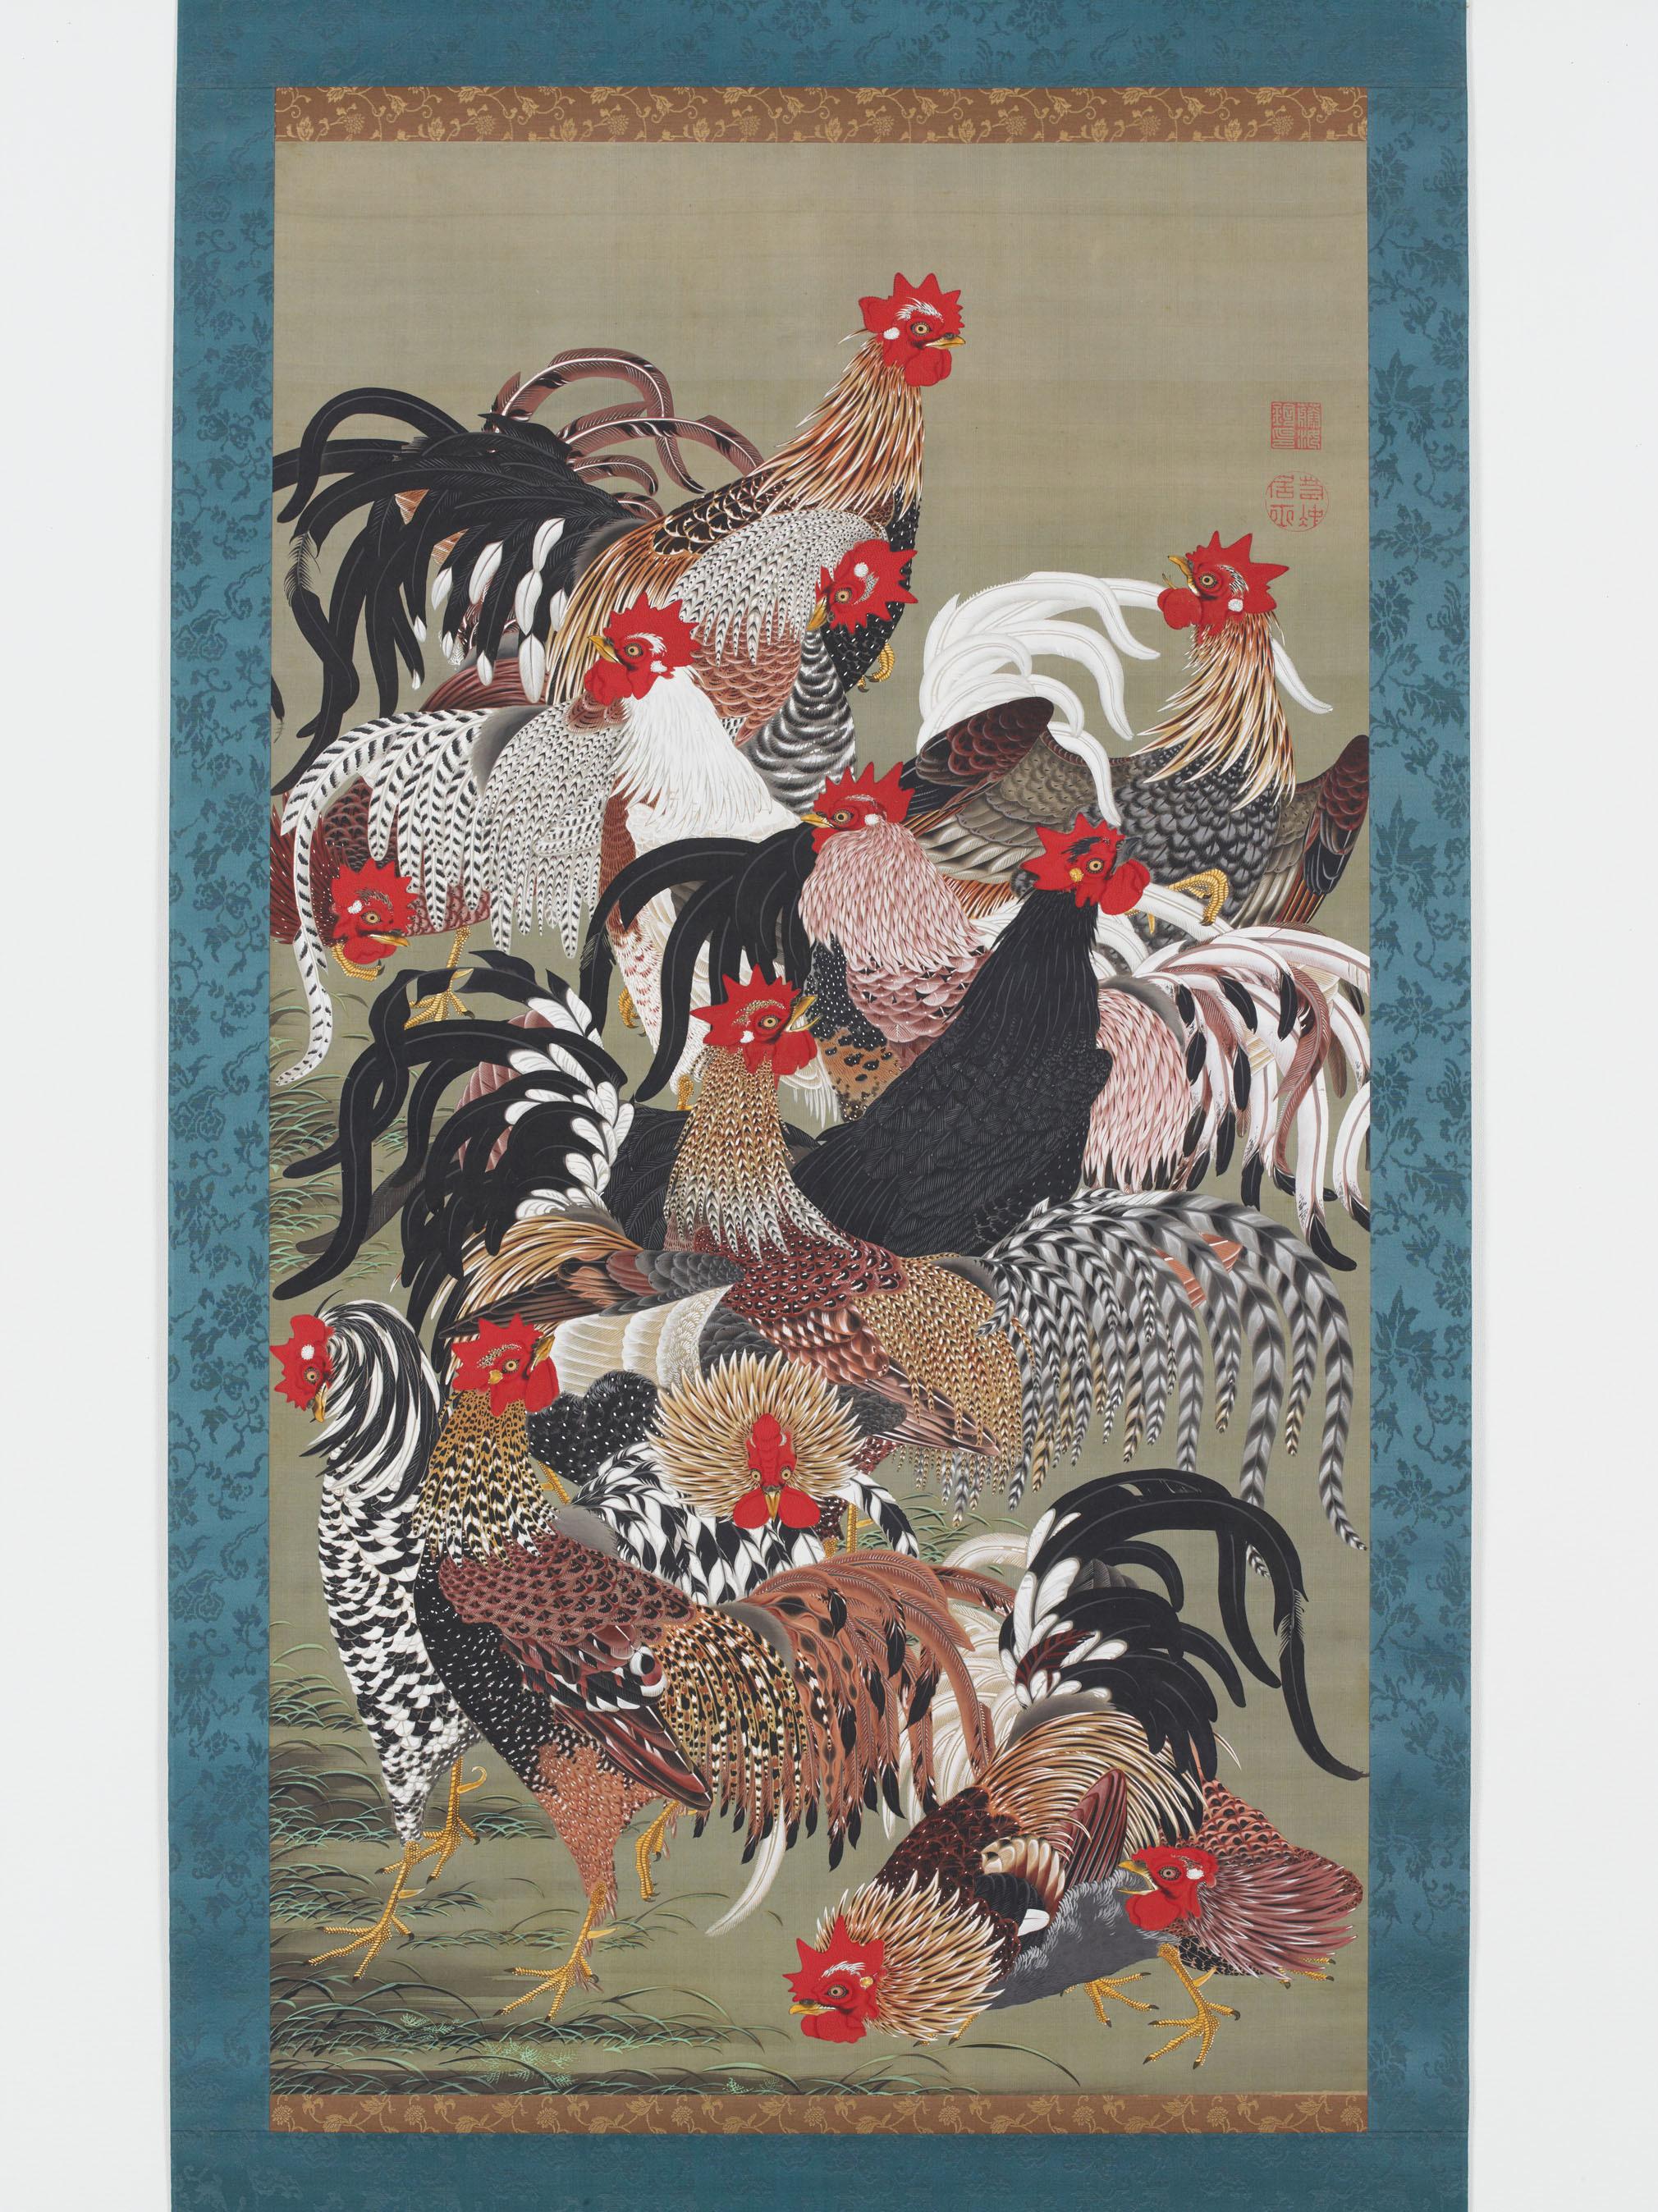 伊藤若冲〈群鶏図〉(動植綵絵30幅のうち) 宮内庁三の丸尚蔵館蔵